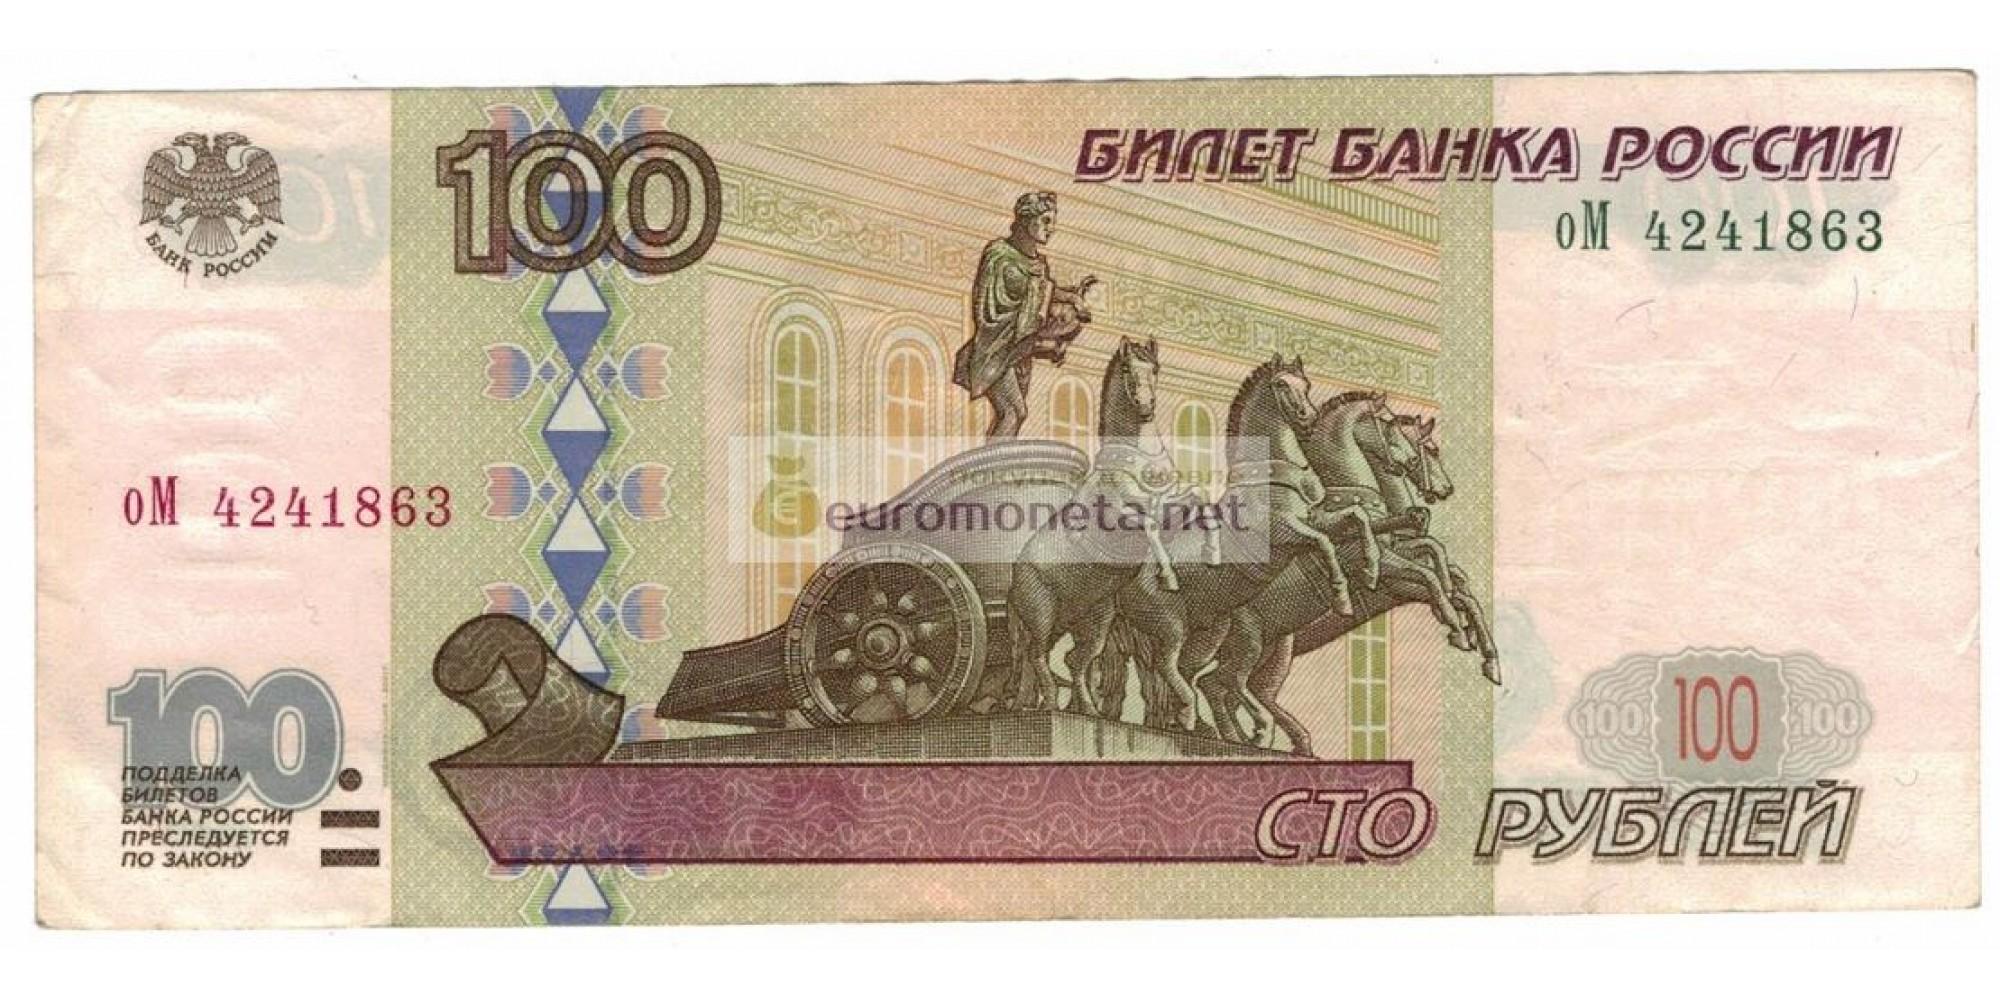 Россия 100 рублей 1997 год модификация 2001 год серия оМ 4241863